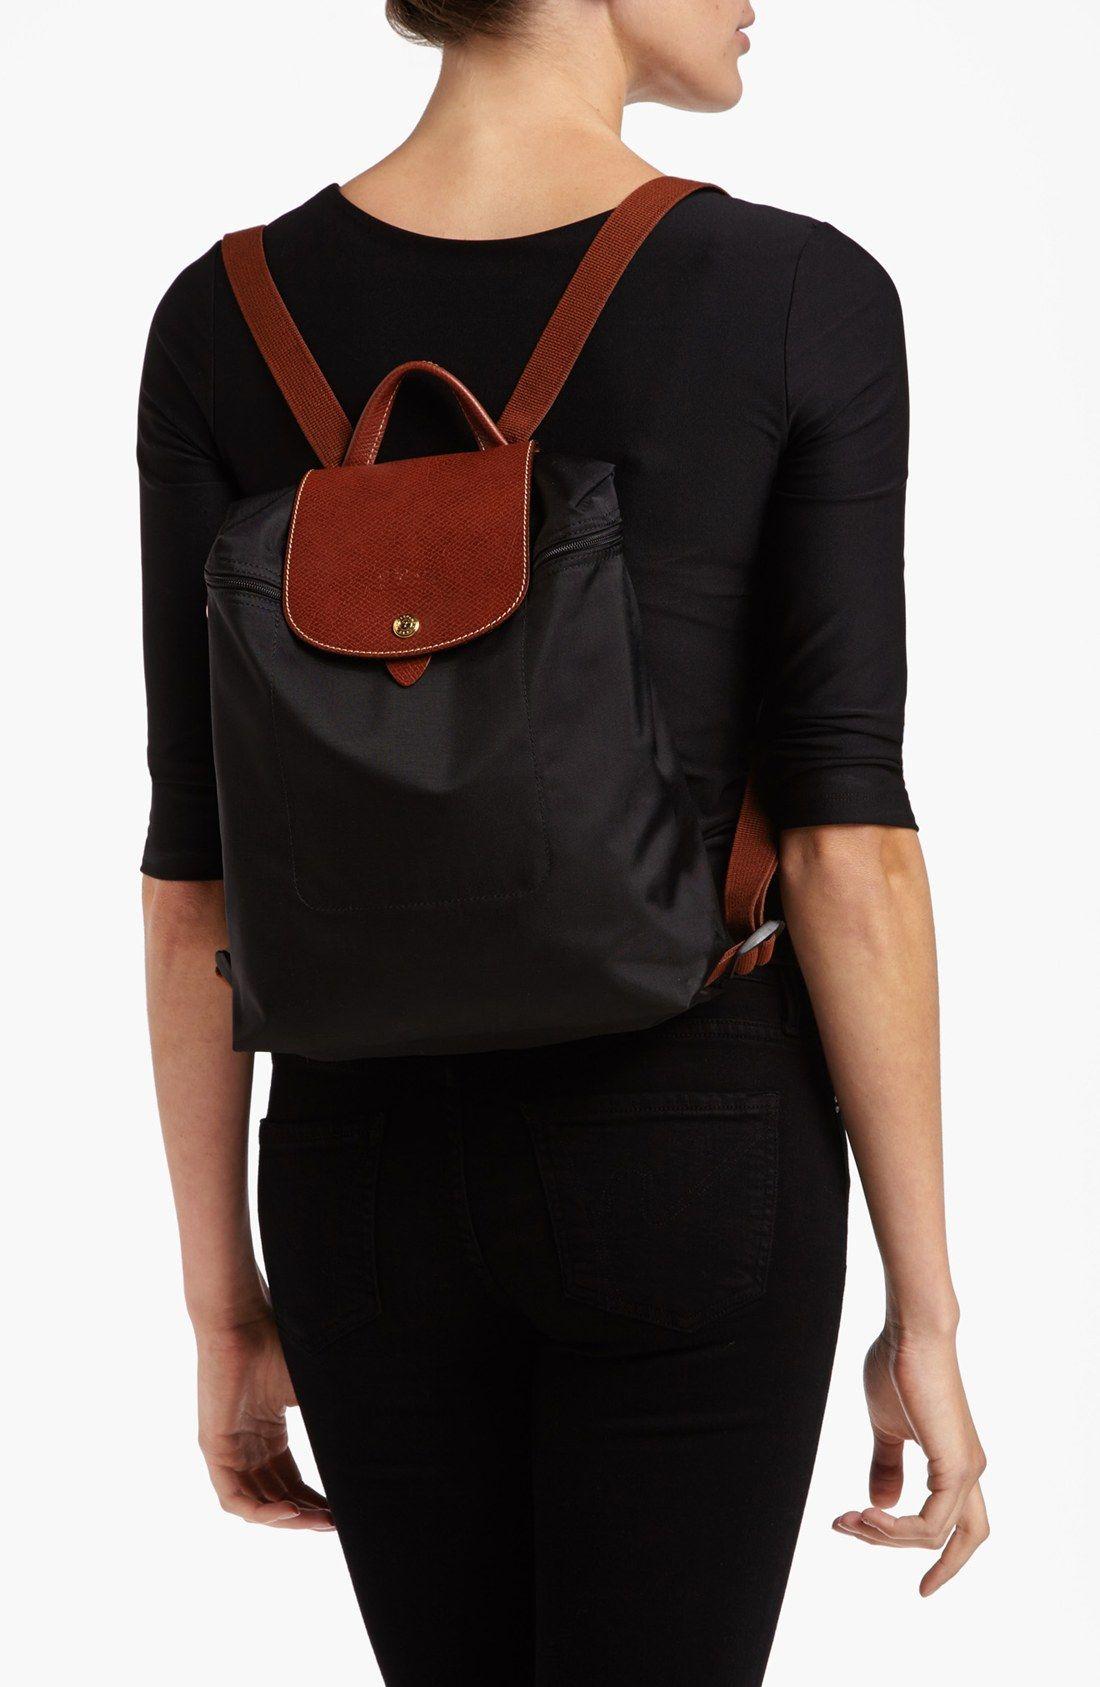 f6e3044eacc5 longchamp#@$29 on | handbags | Longchamp backpack, Longchamp, Backpacks